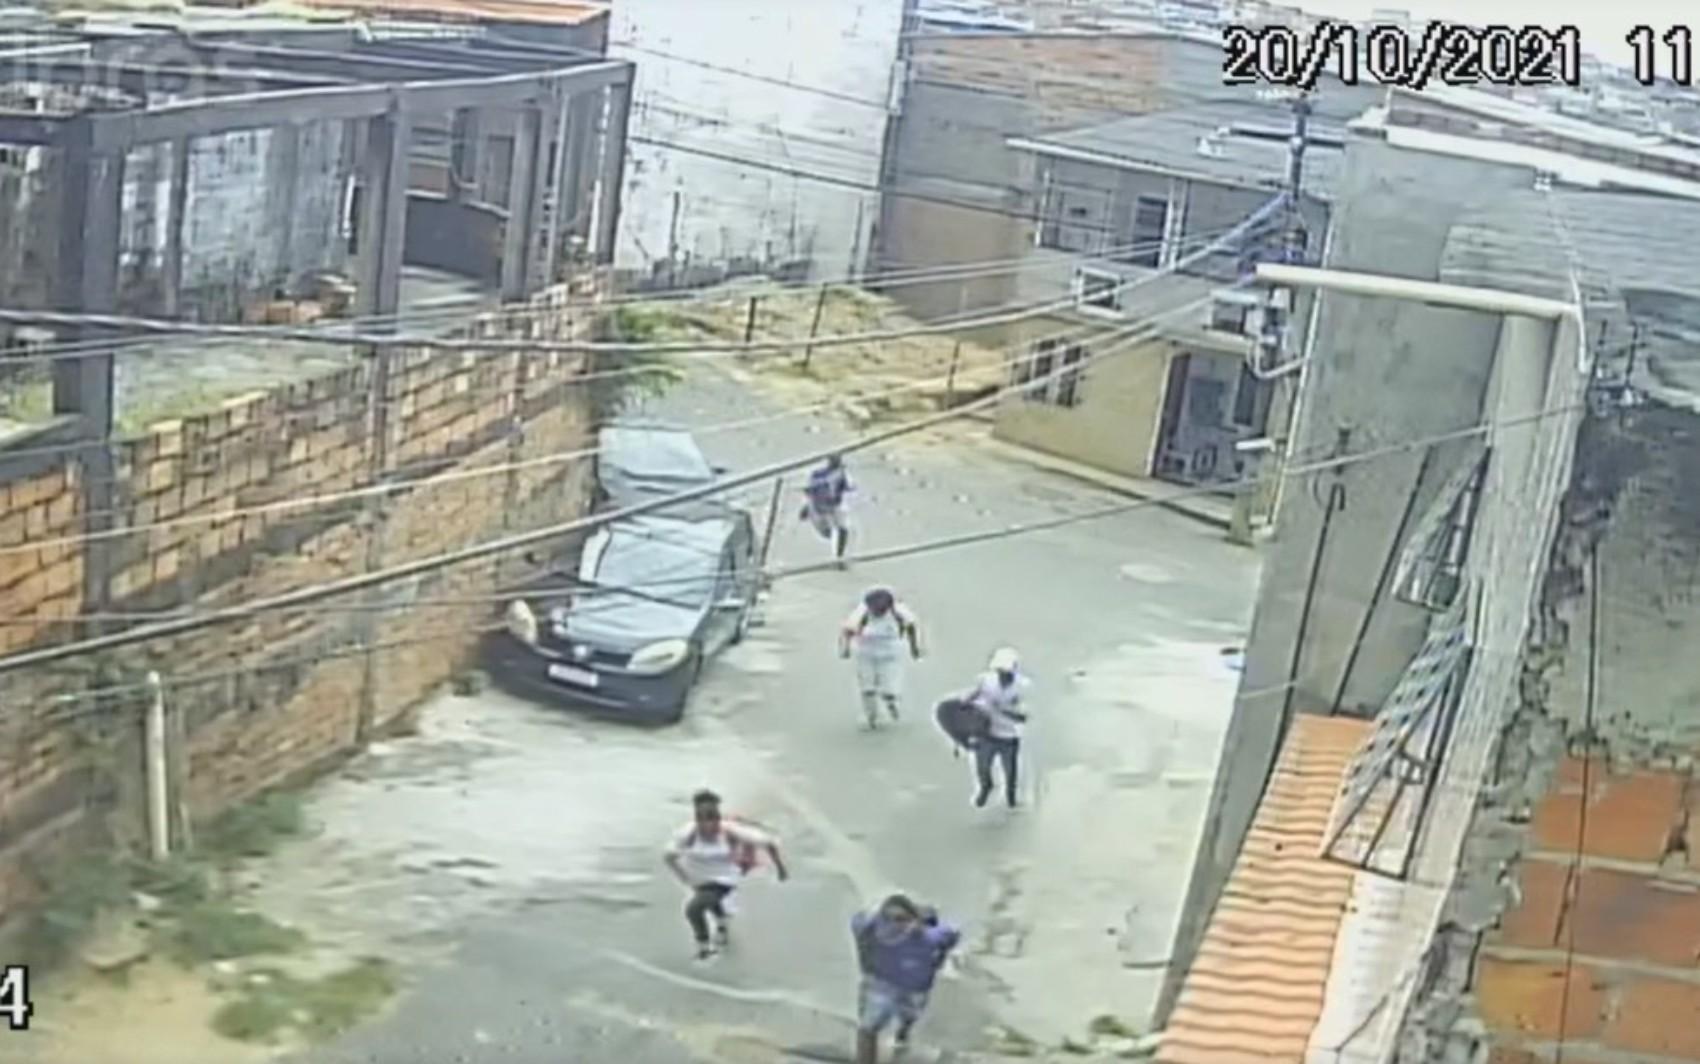 Câmera de segurança registra correria de estudantes após assalto em praça próxima de escola em Salvador